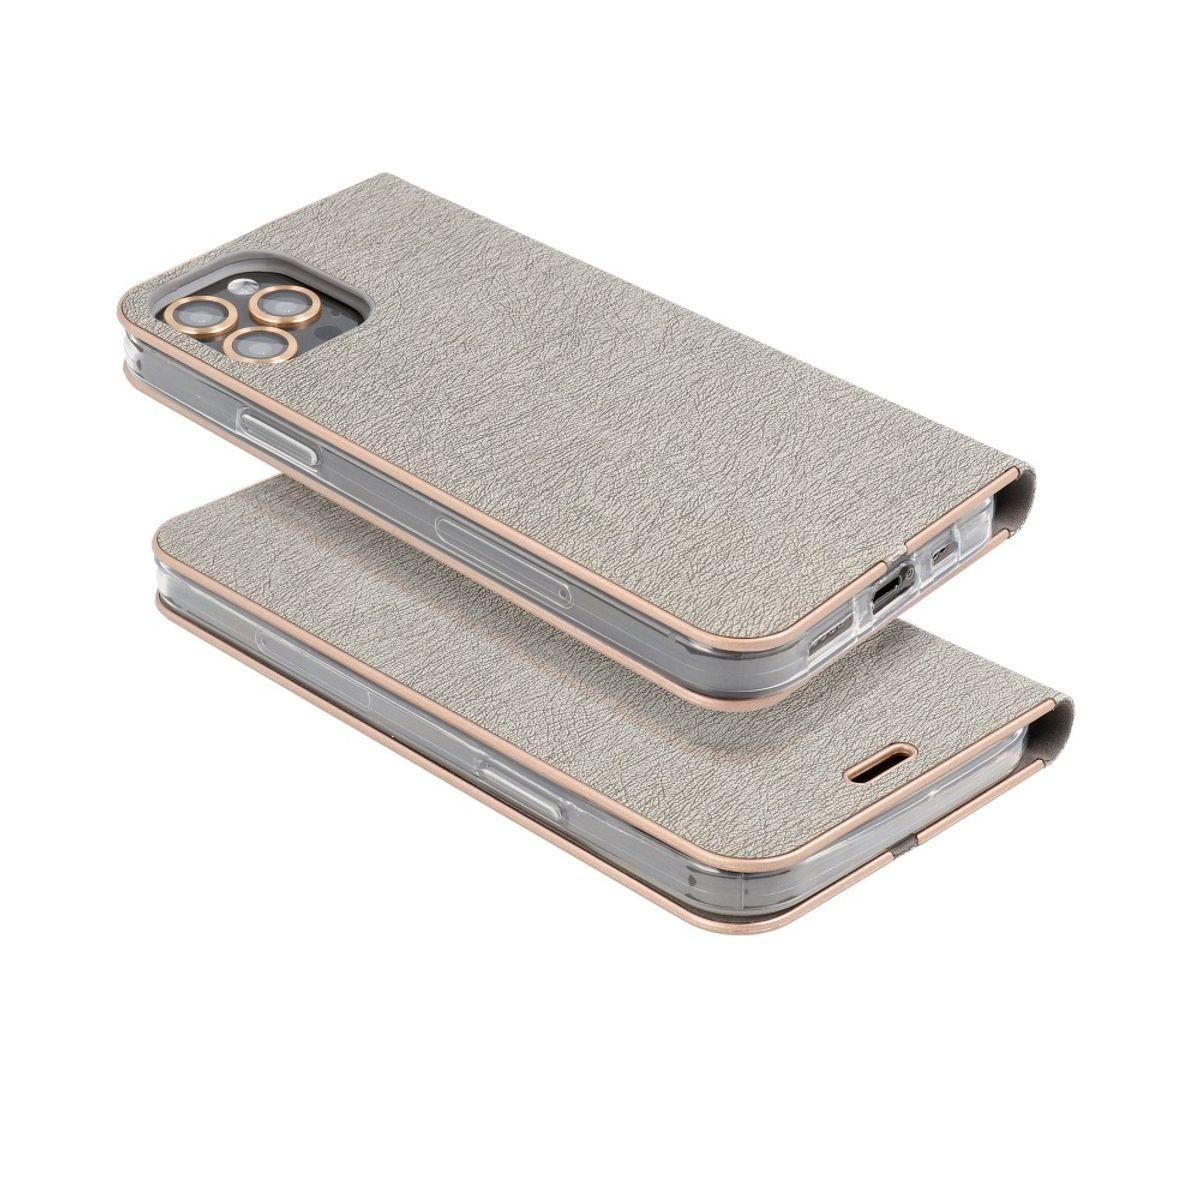 Samsung Galaxy A22 5G Handyhülle Schutztasche Wallet Cover 360 Case Etuis Silber